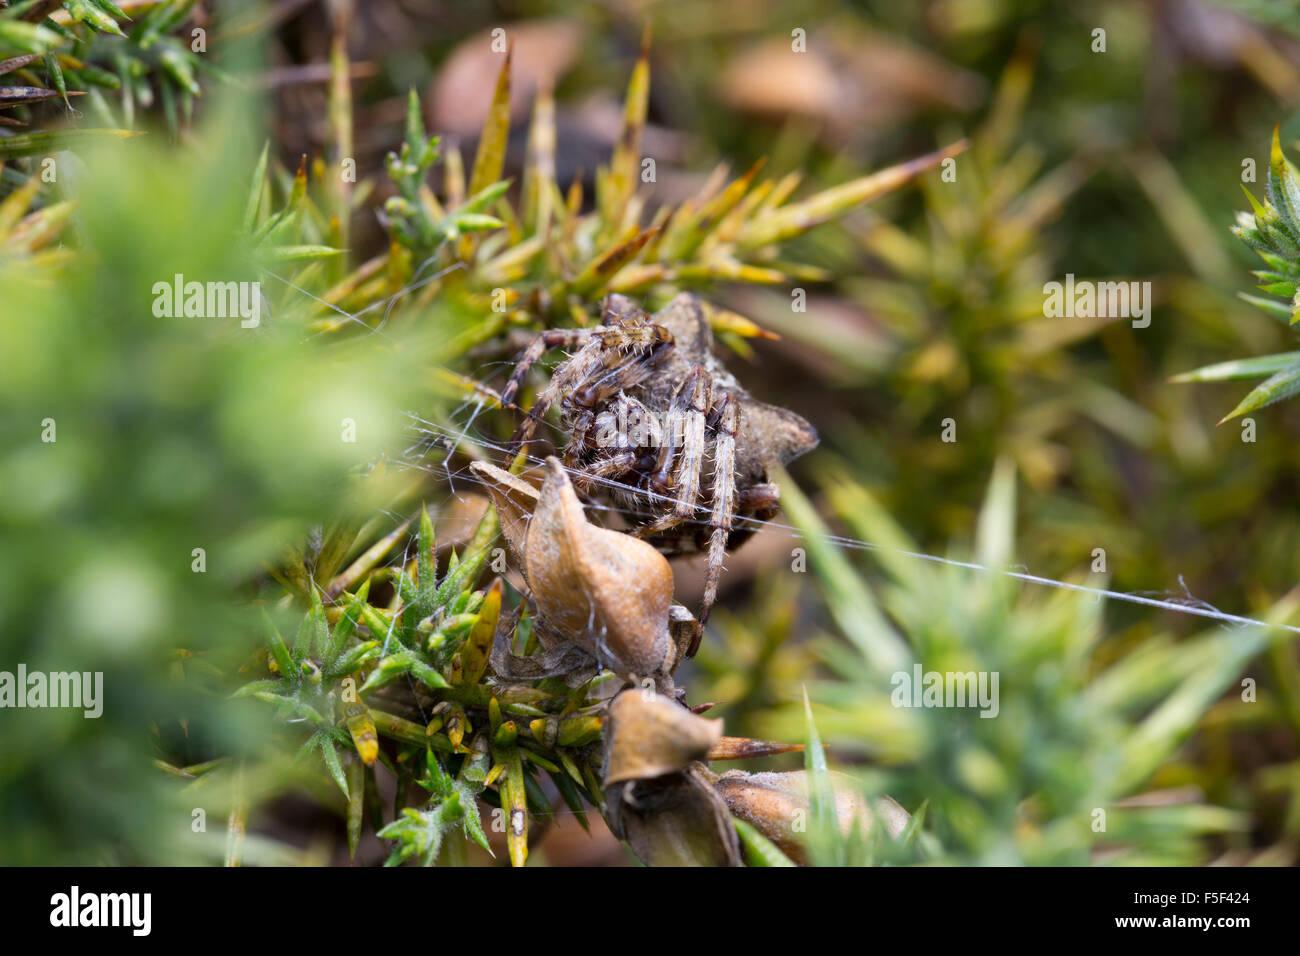 Angular Orb Weaving Spider; Araneus angulatus Cornwall; UK - Stock Image